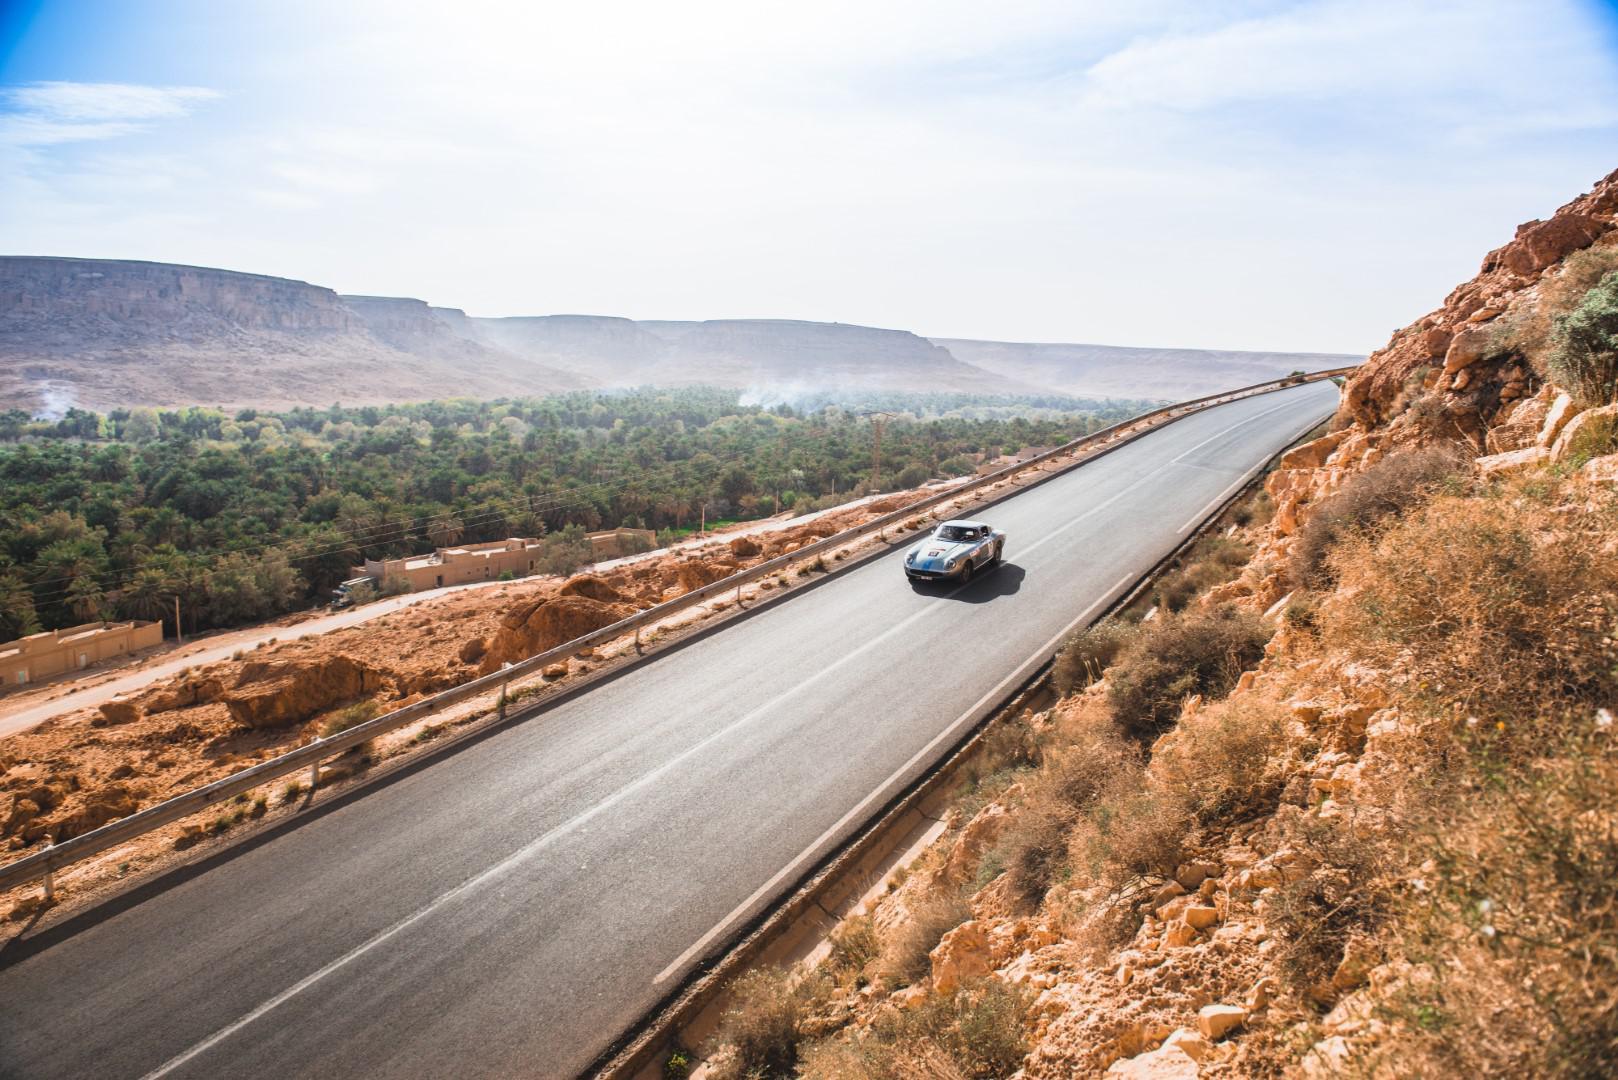 victoire-marocaine-pour-le-25eme-anniversaire-du-rallye-maroc-classic-680-16.jpg